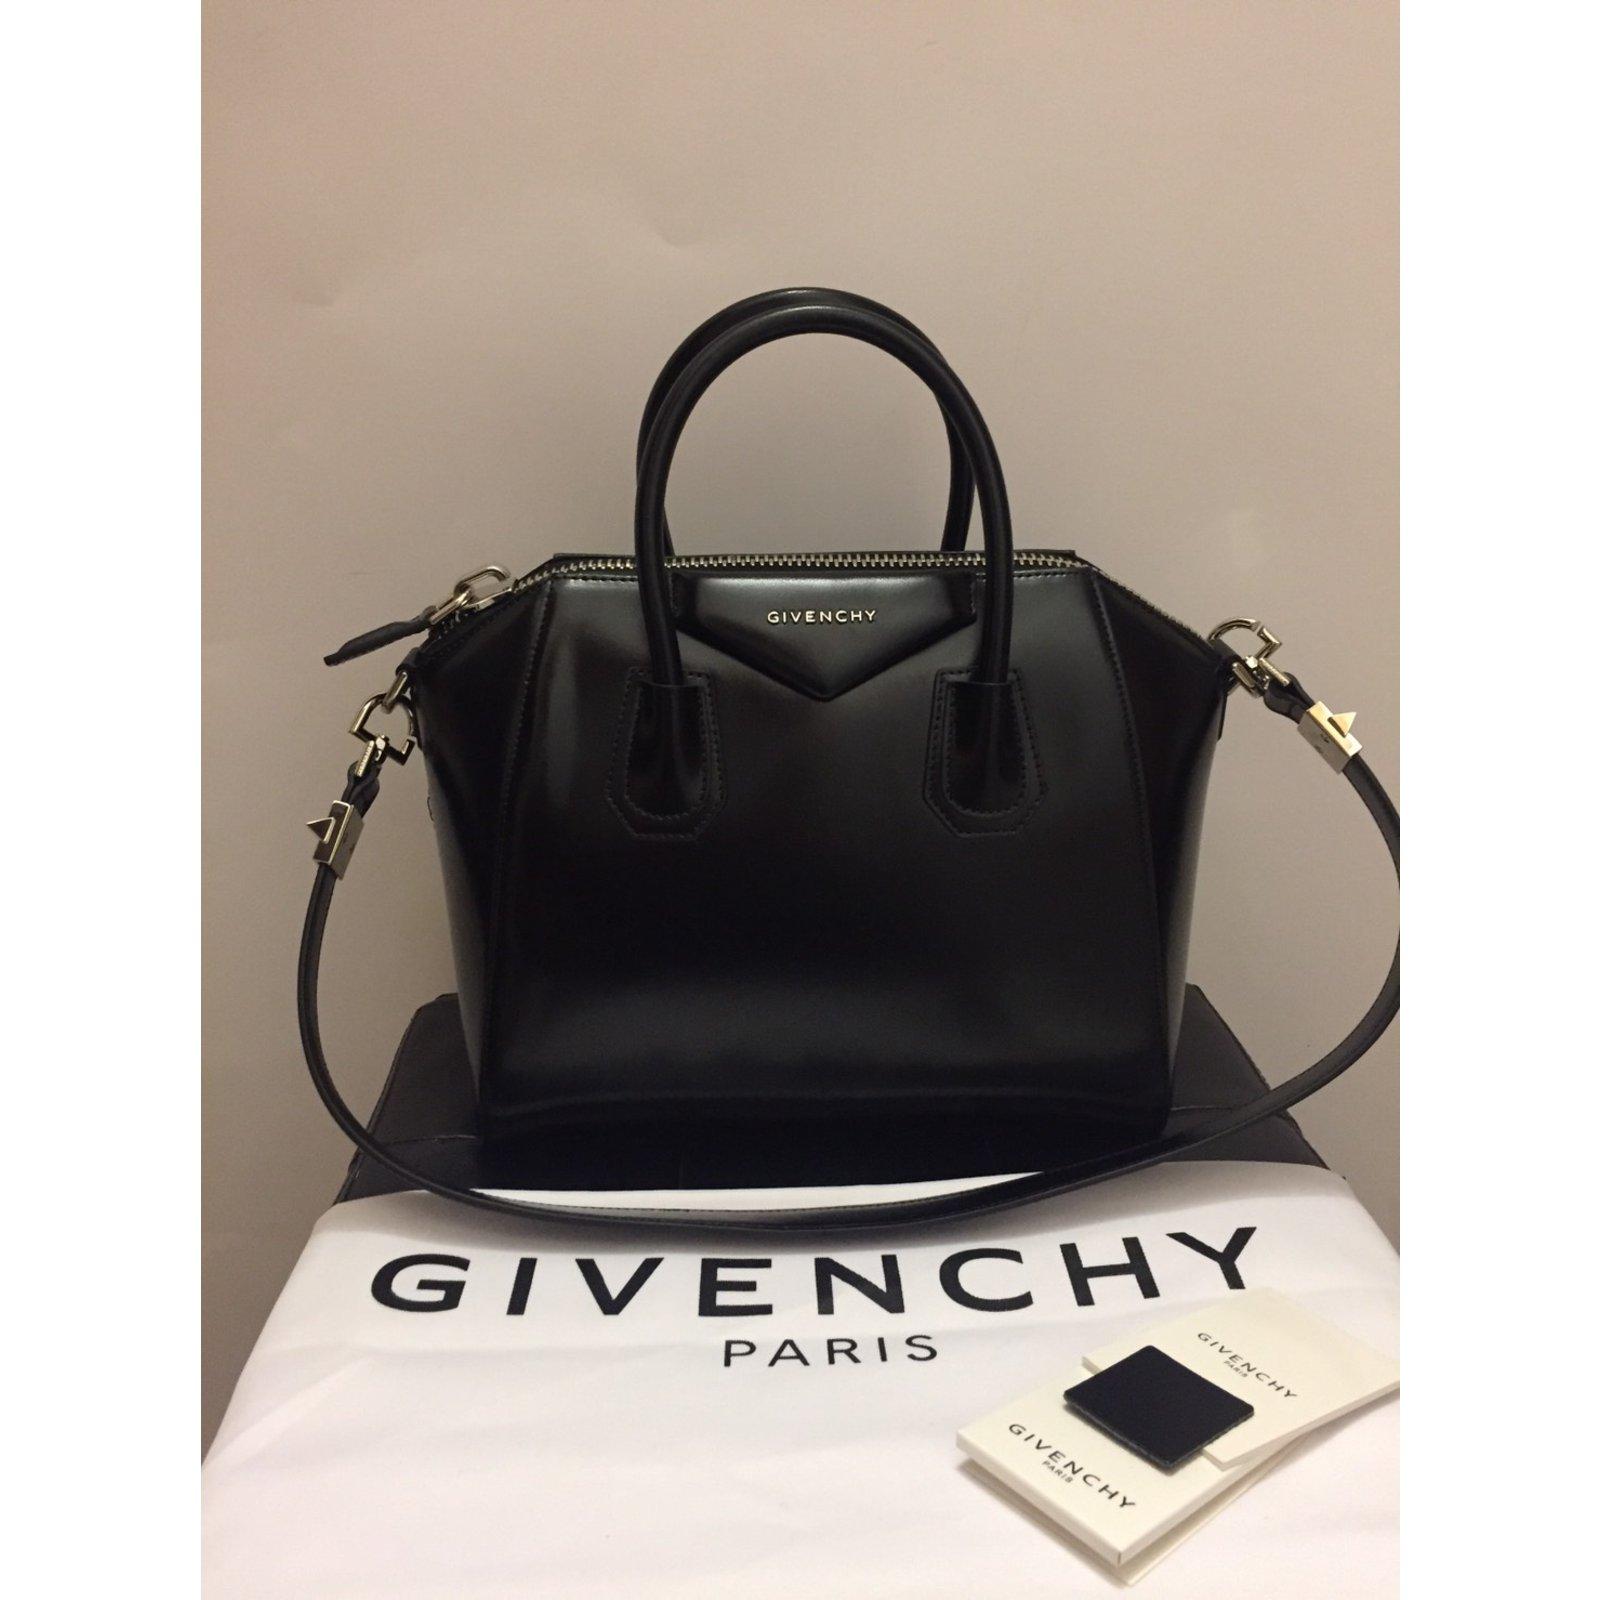 Givenchy Antigona Small Handbags Leather Black Ref 45573 Joli Closet